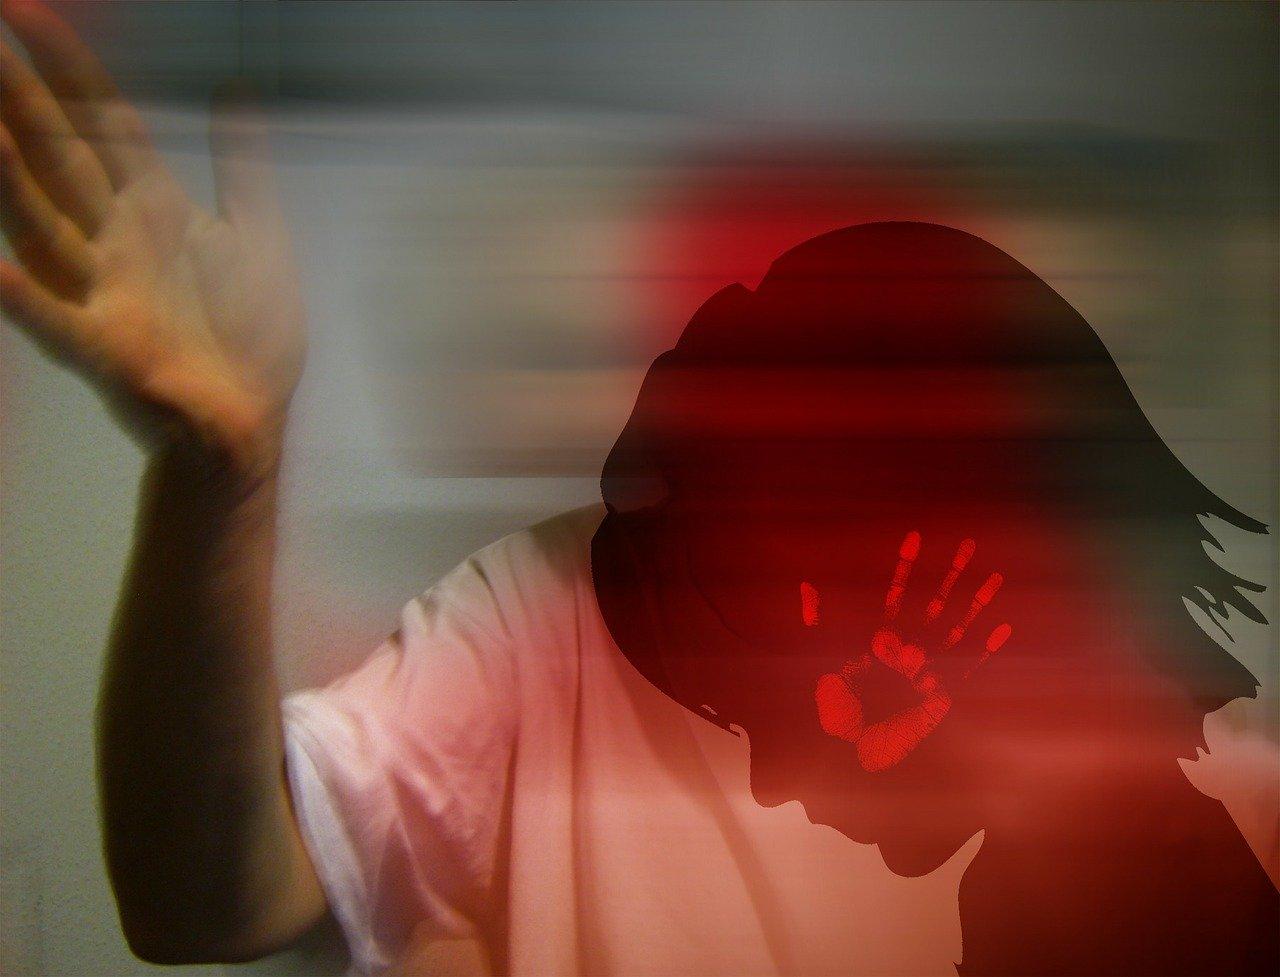 Ab 2022: Wales verbietet Eltern, ihre Kinder zu schlagen